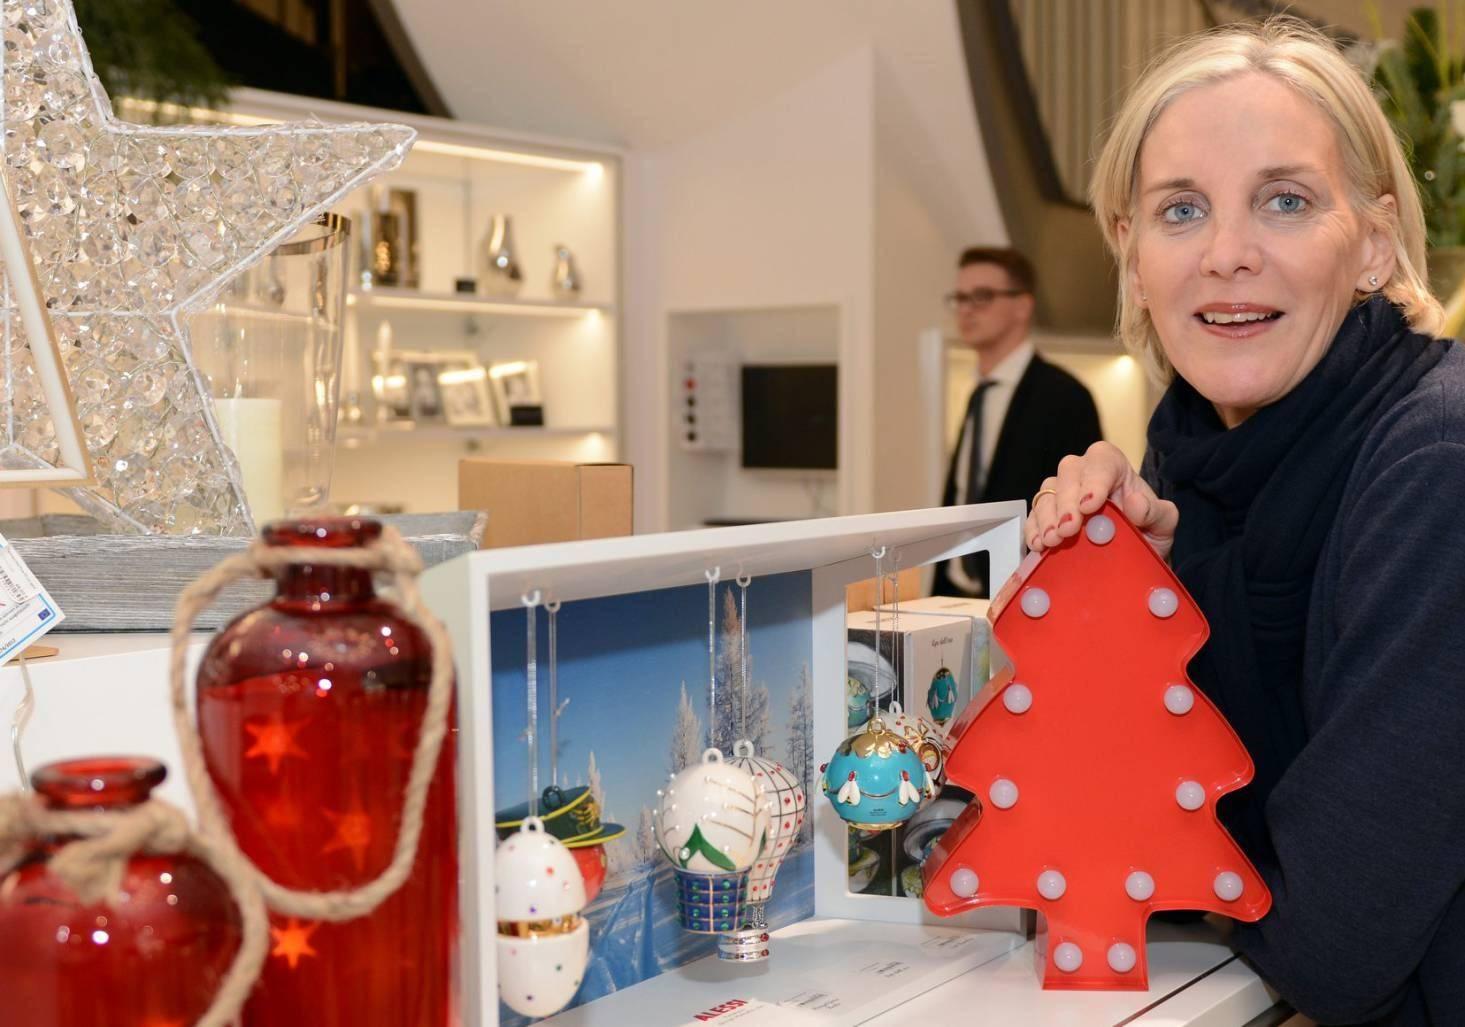 Wann Kann Man Weihnachtsdeko Aufstellen.Die Welt Der Adventsdekoration Selbst Eier Gibt S Als Weihnachtsdeko